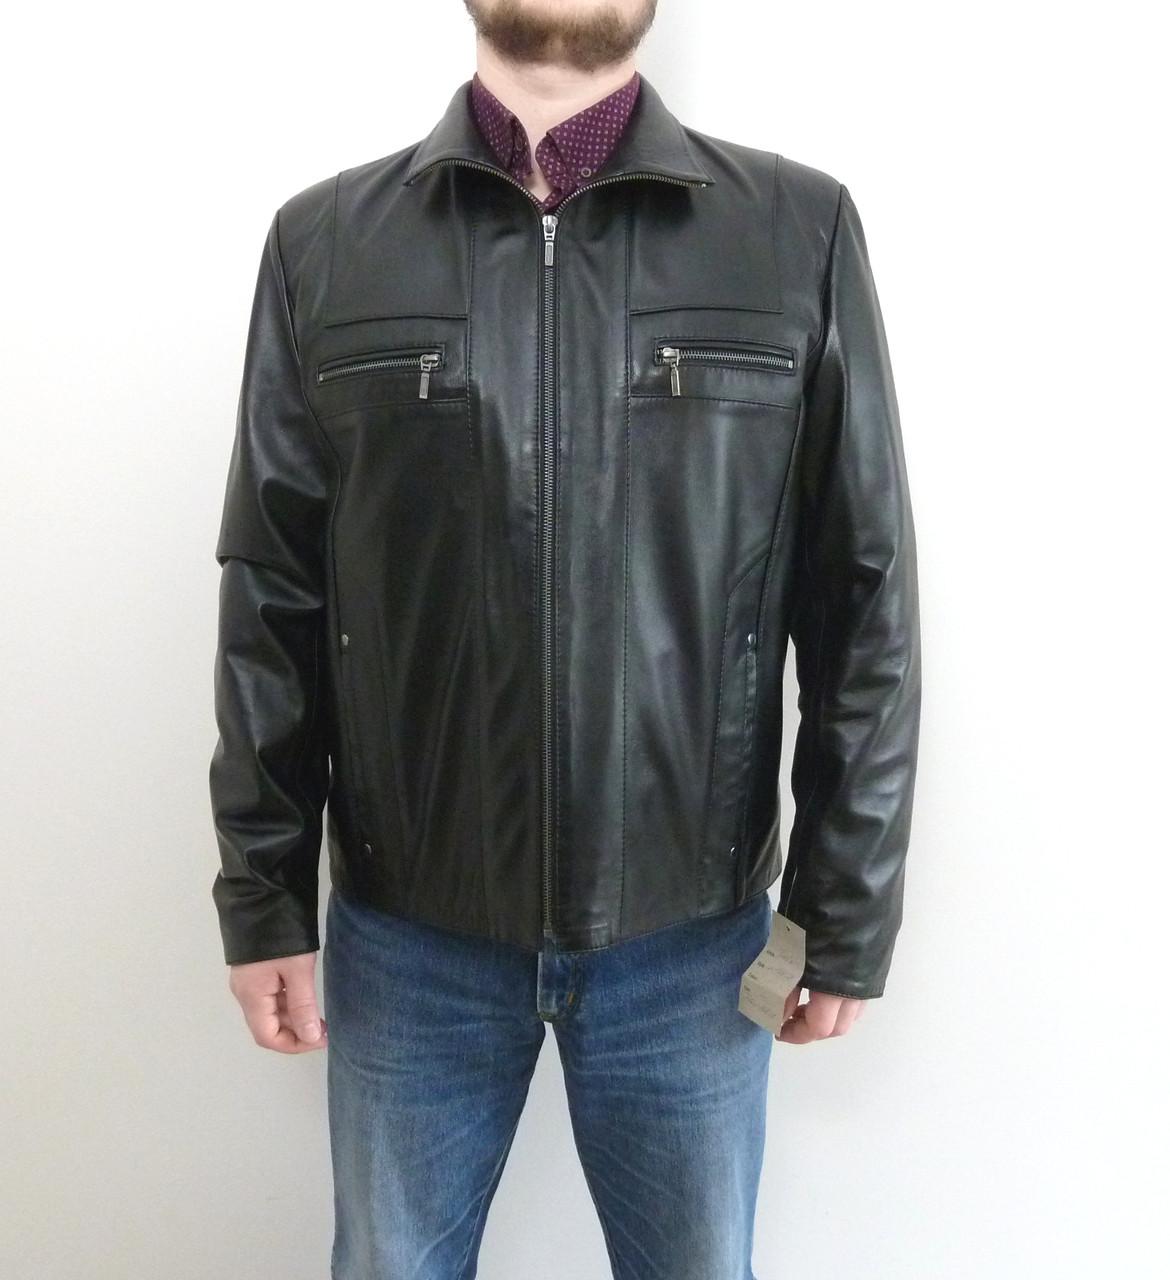 Мужская куртка Eleganza из натуральной кожи. Модель TURIN размер S